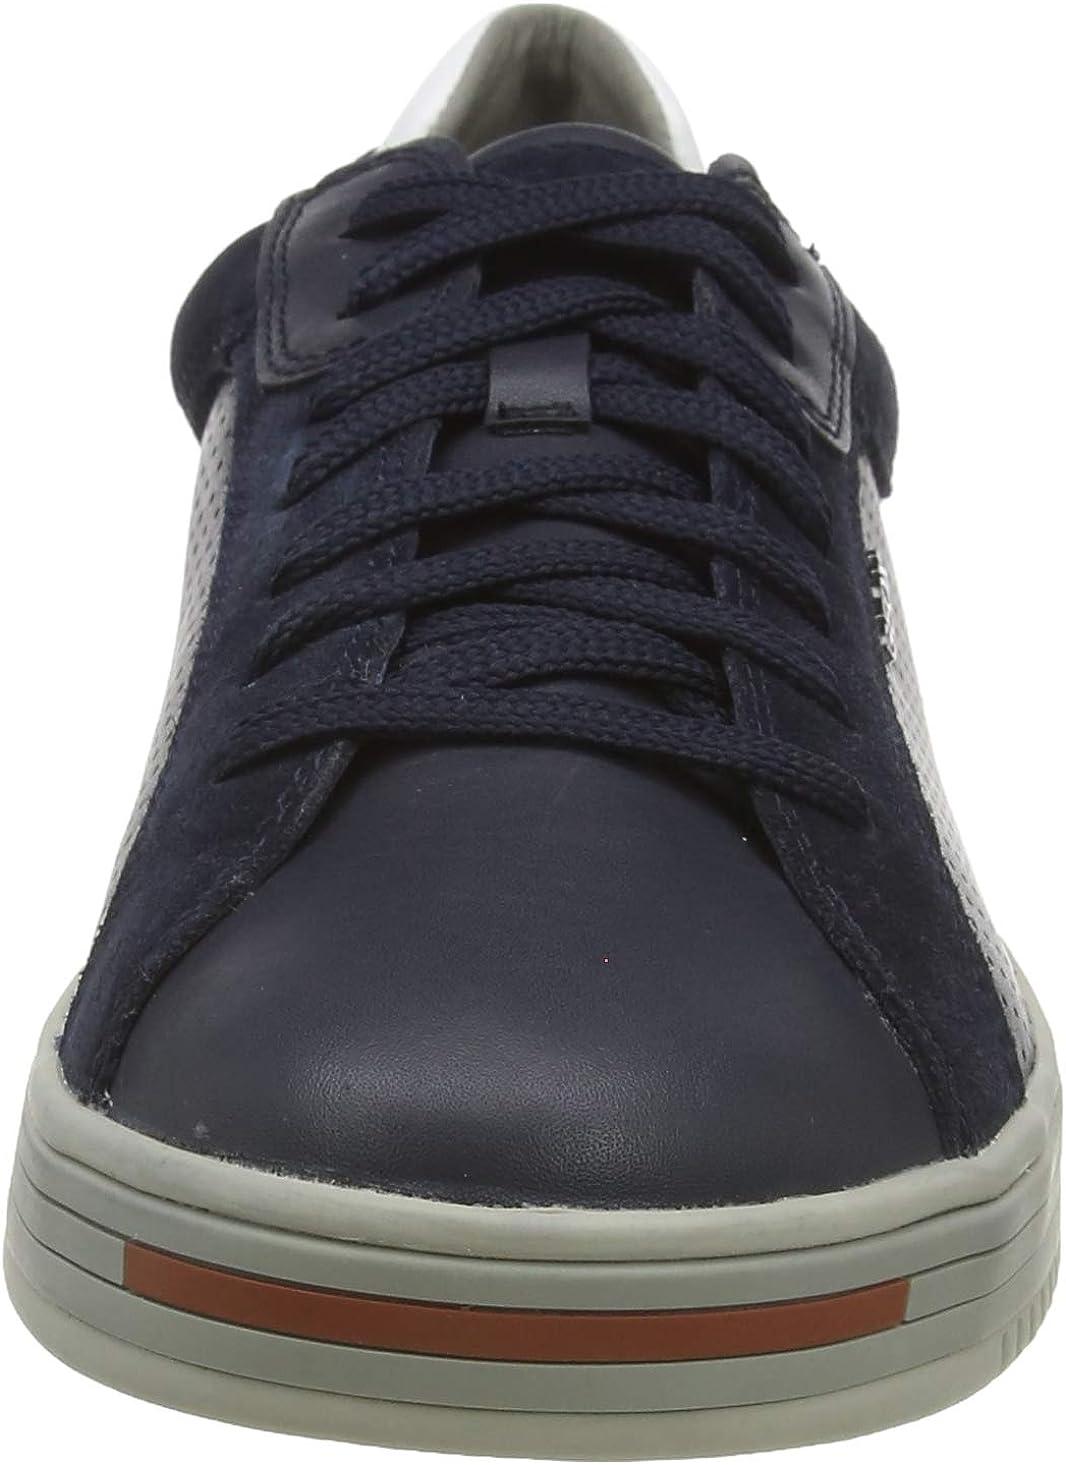 Geox Mens Low-Top Sneakers